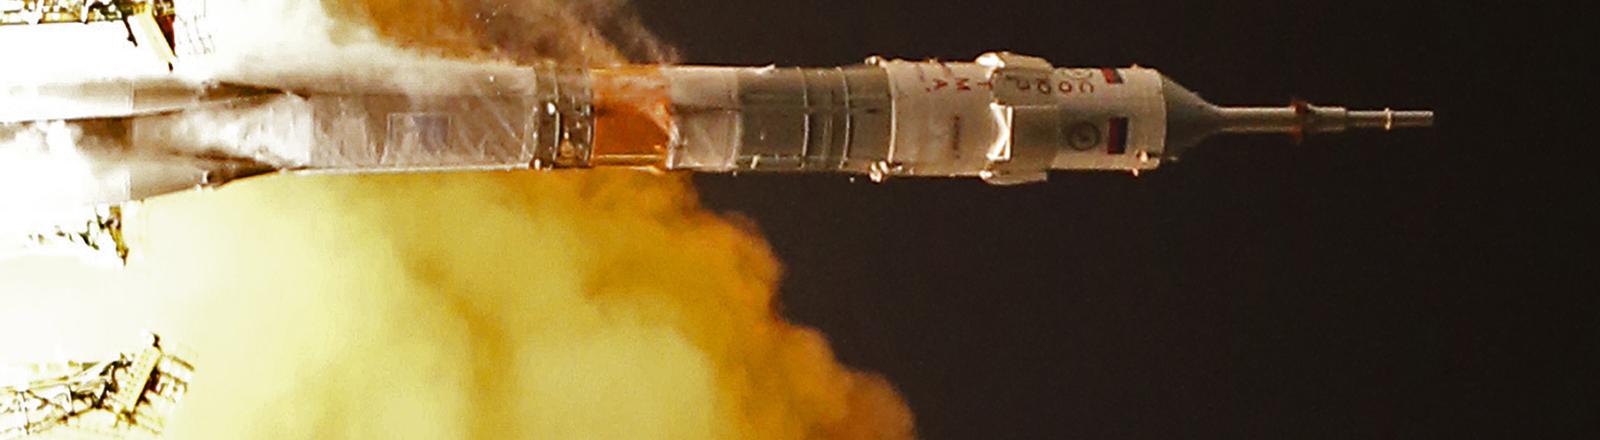 Bemannte Sojus-Rakete startet am 23. November 2014 zur Raumstation ISS.